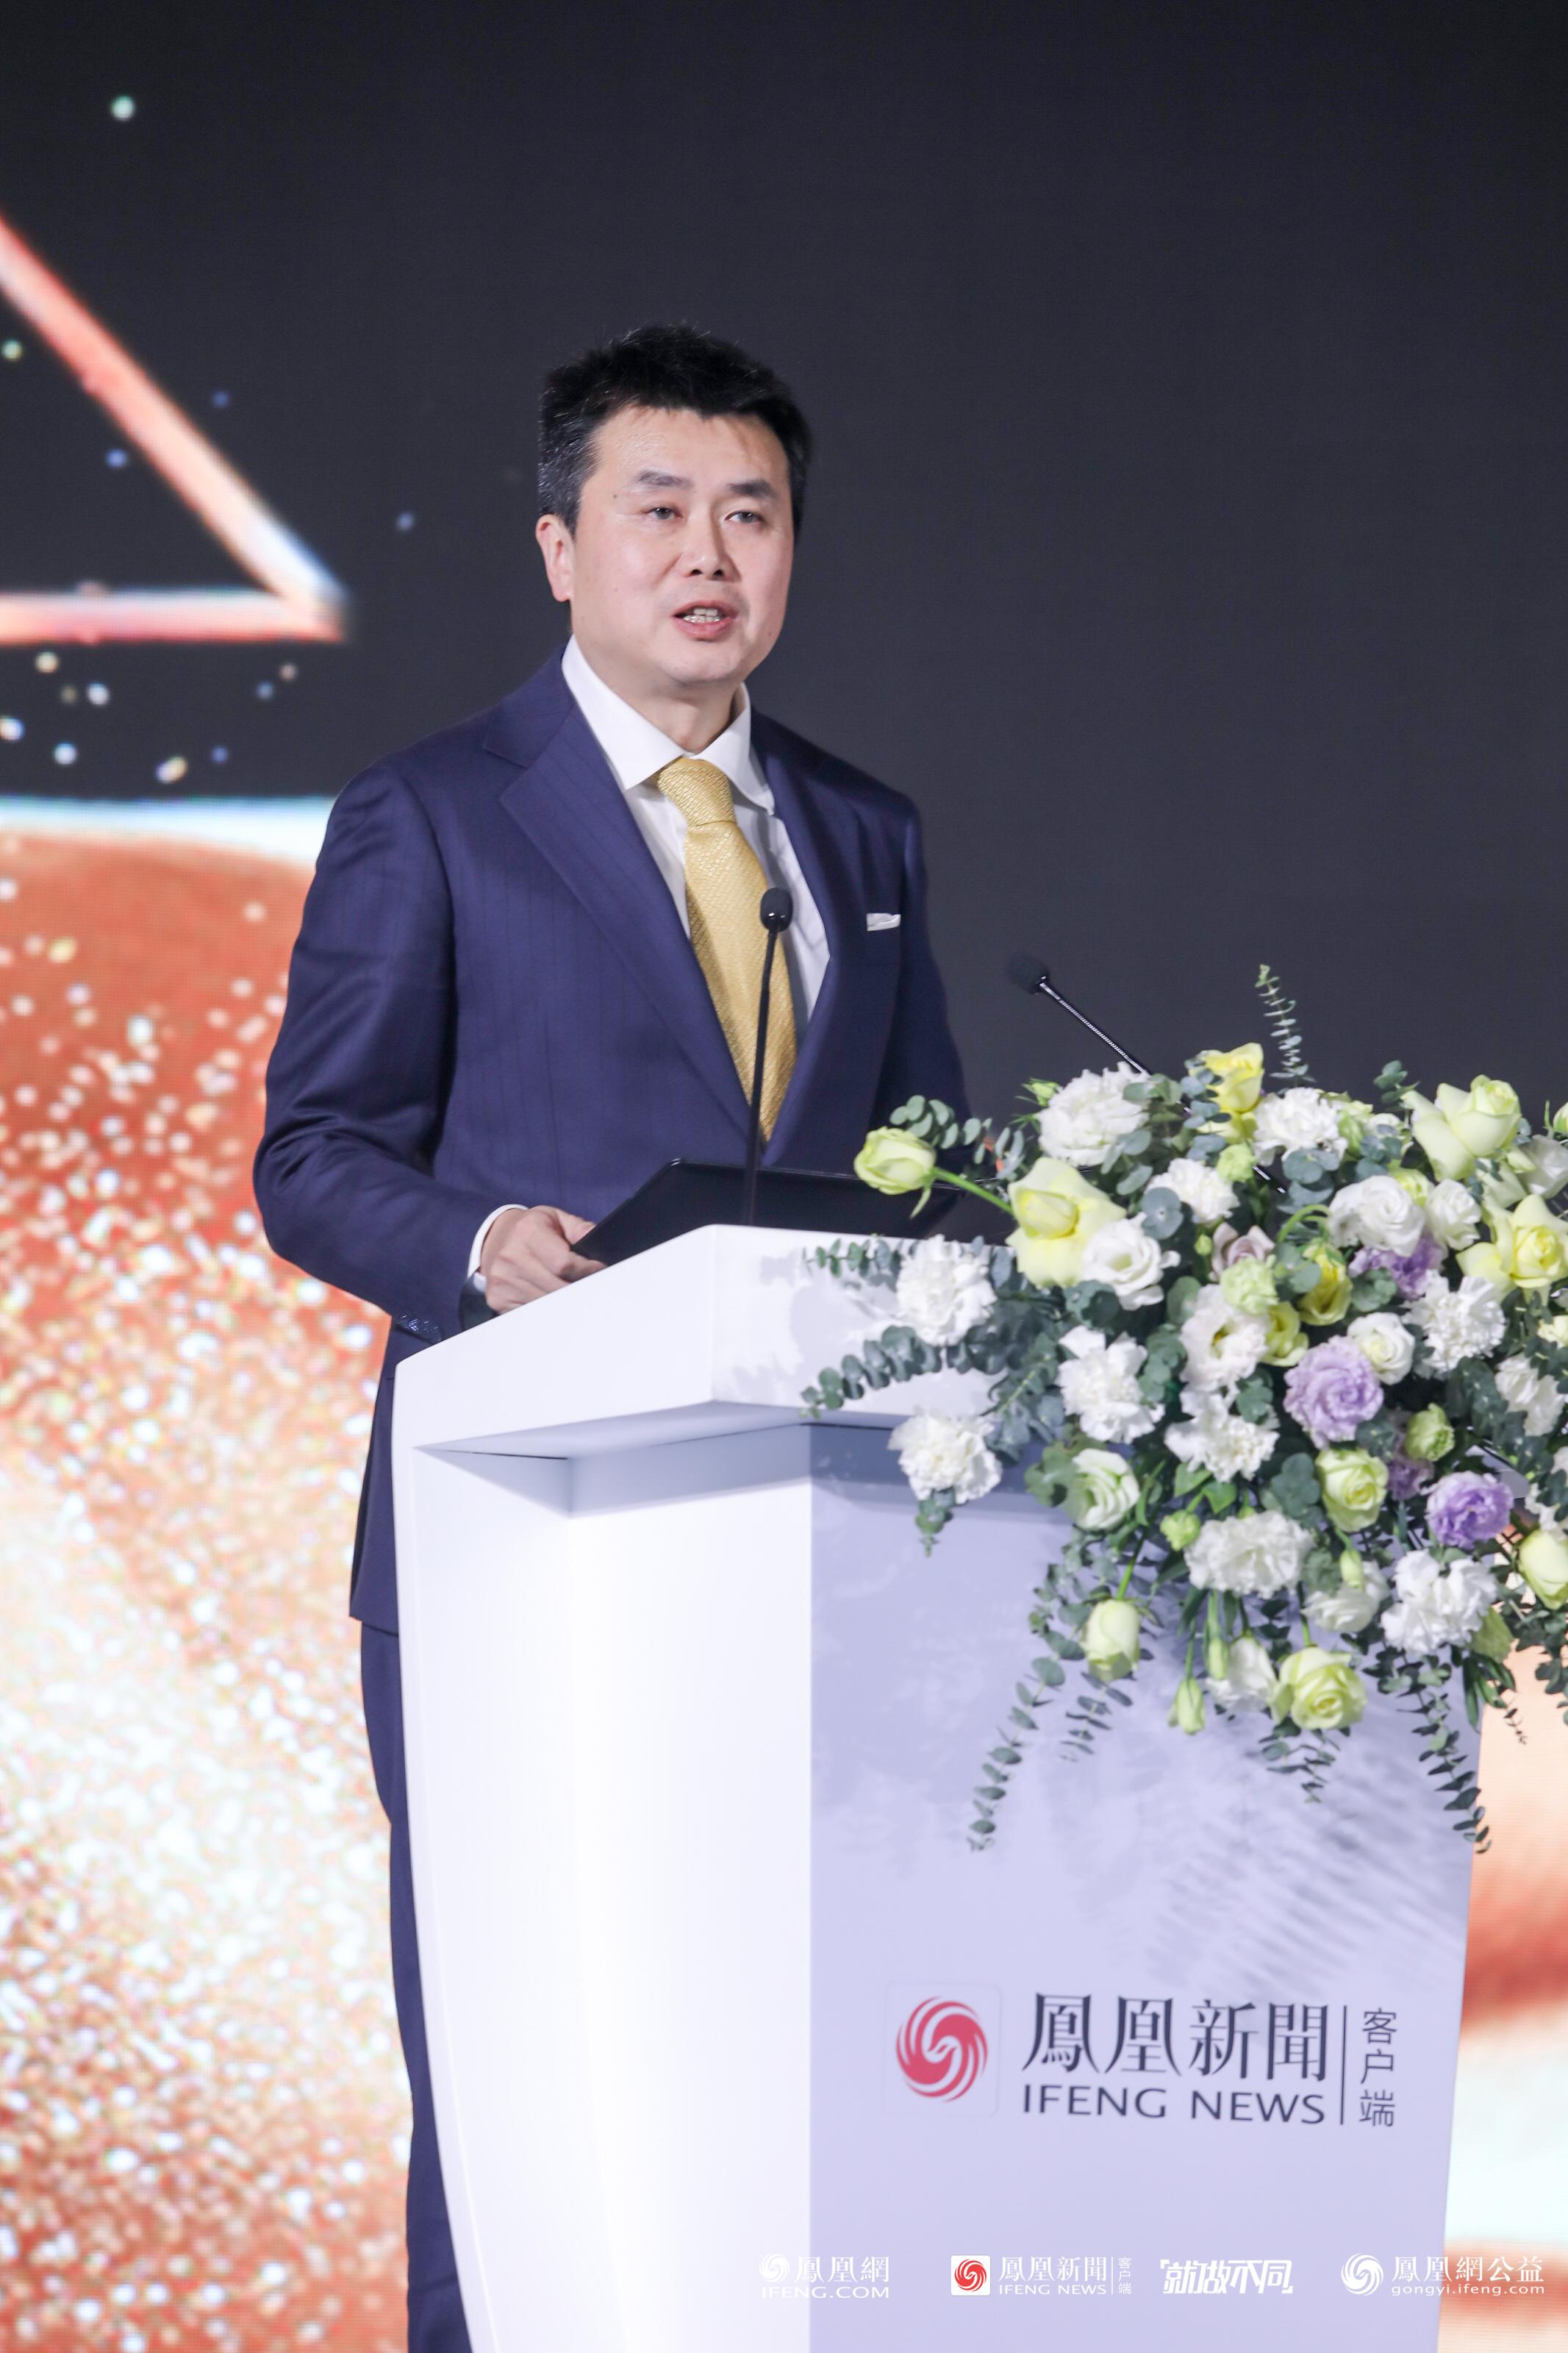 圖:鳳凰網CEO、鳳凰衛視COO劉爽致辭。